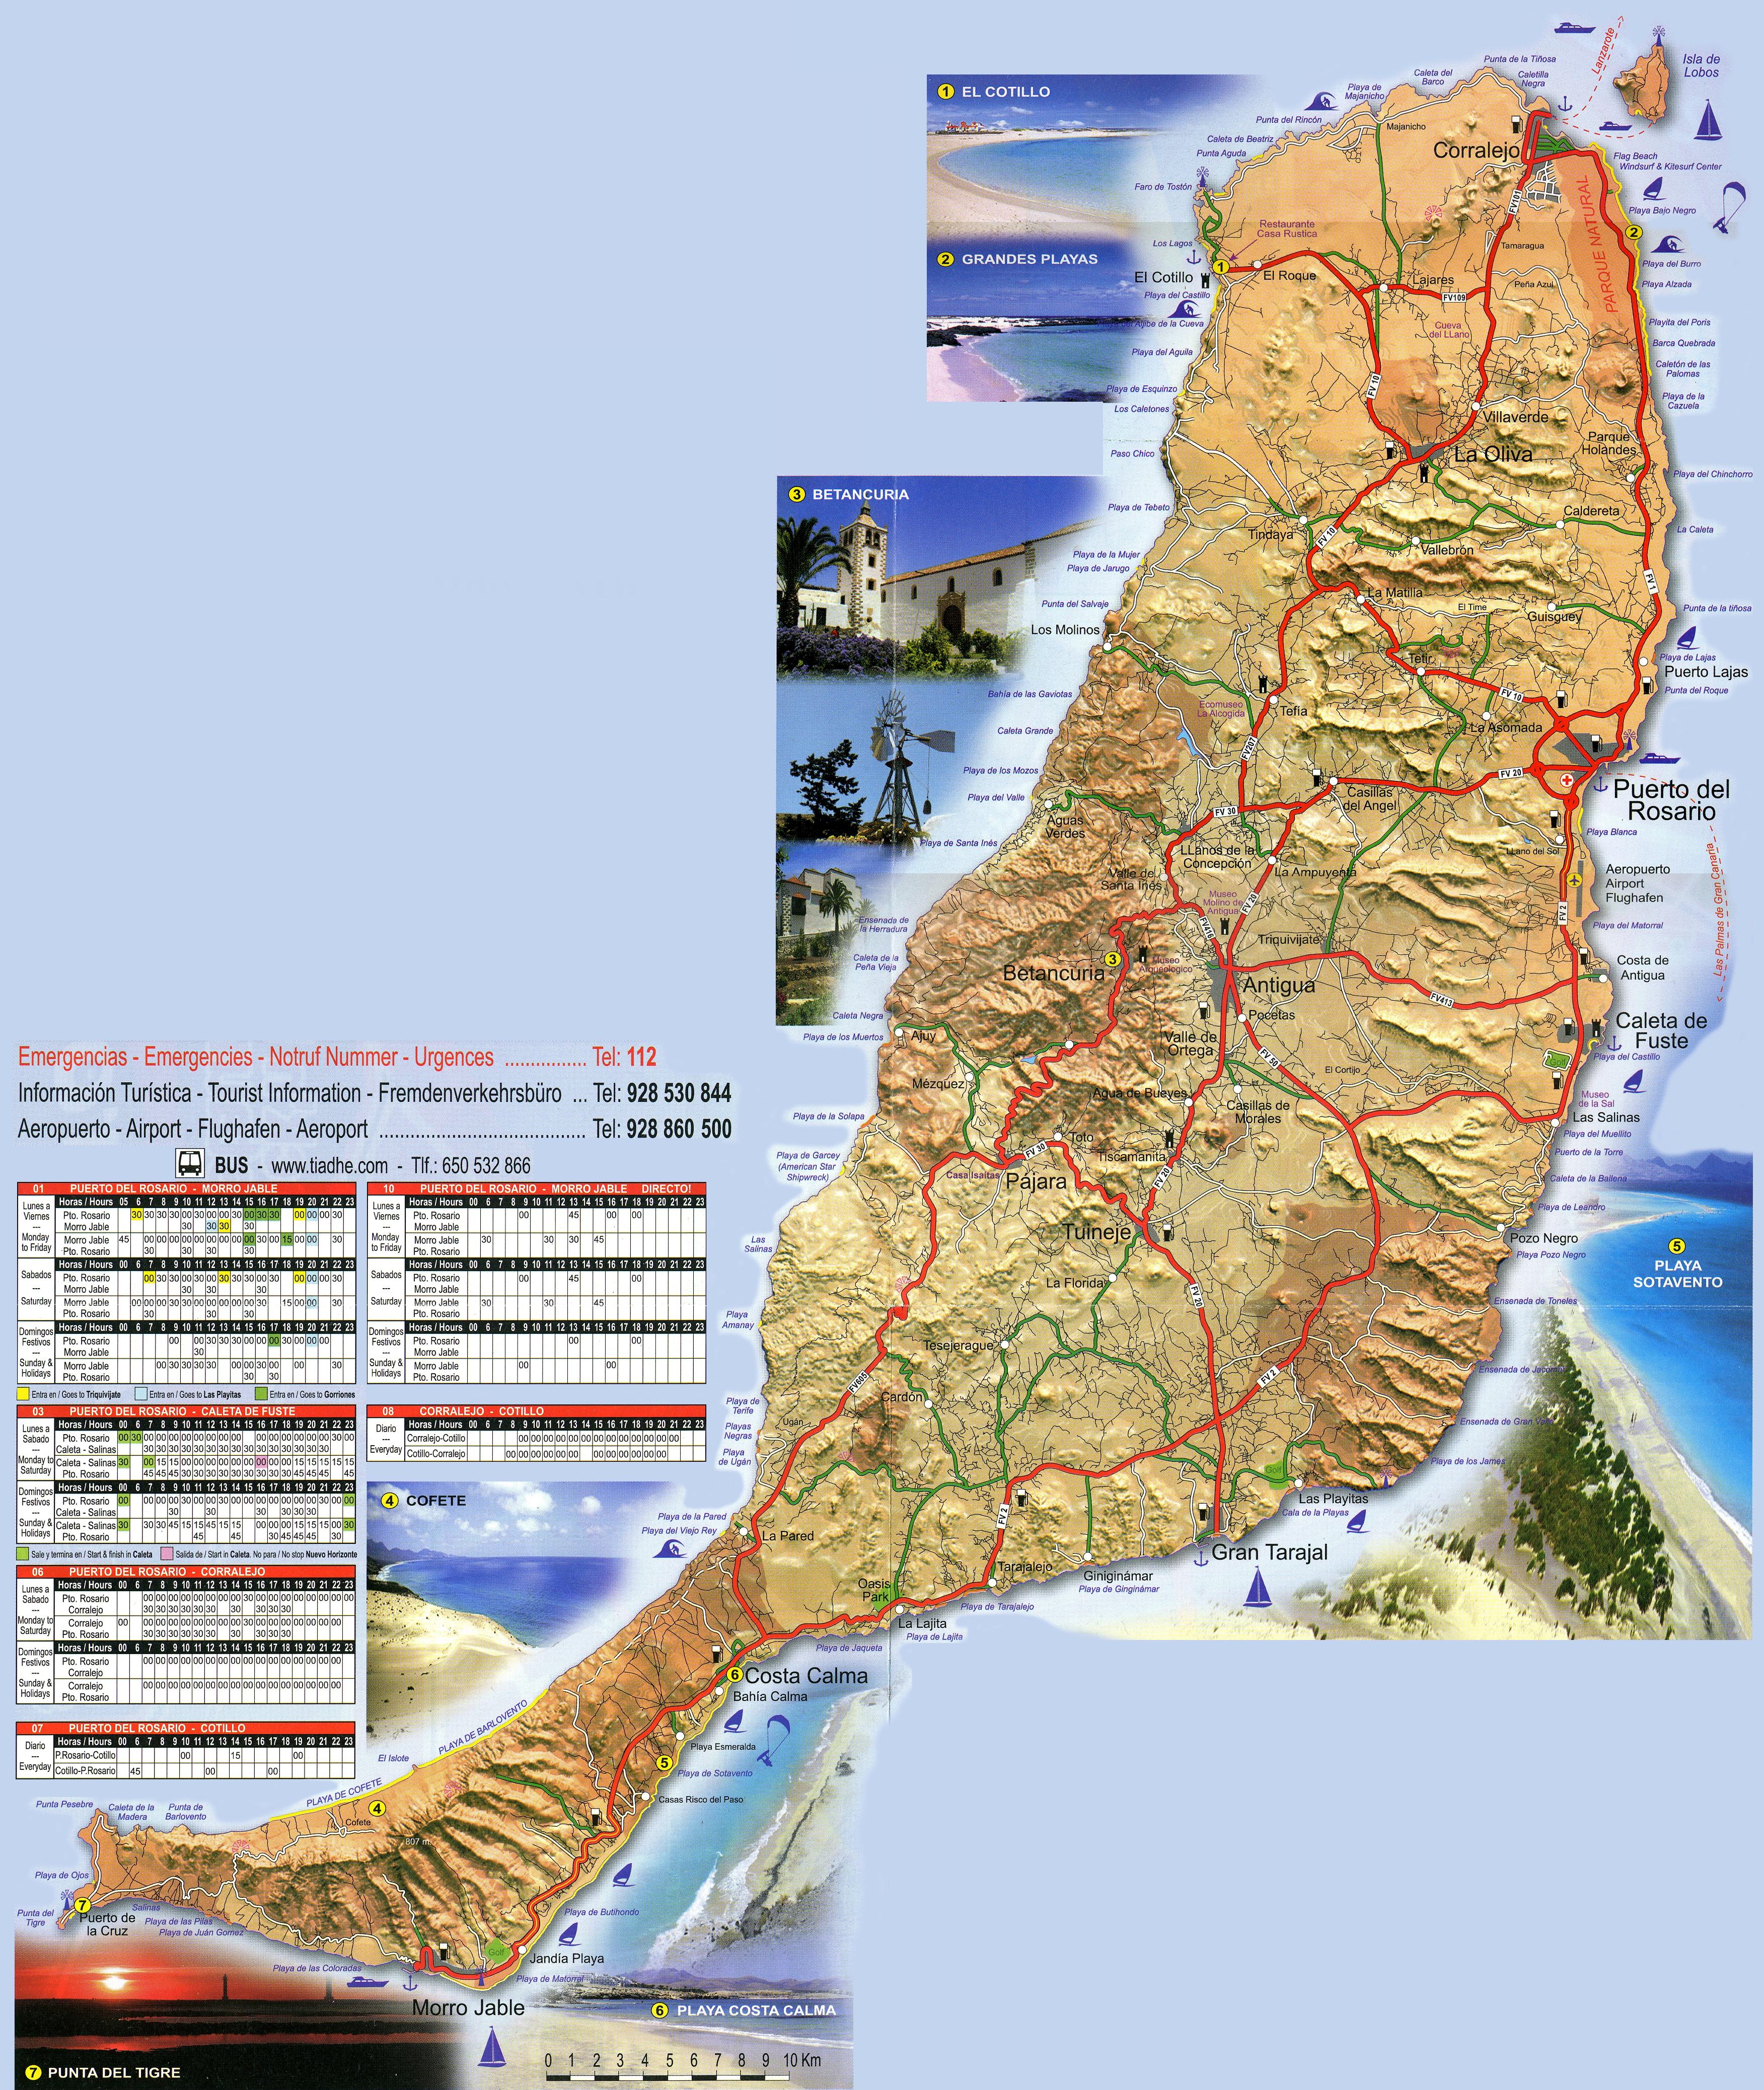 Cartina Spagna Fuerteventura.L Isola Di Fuerteventura Nelle Isole Canarie